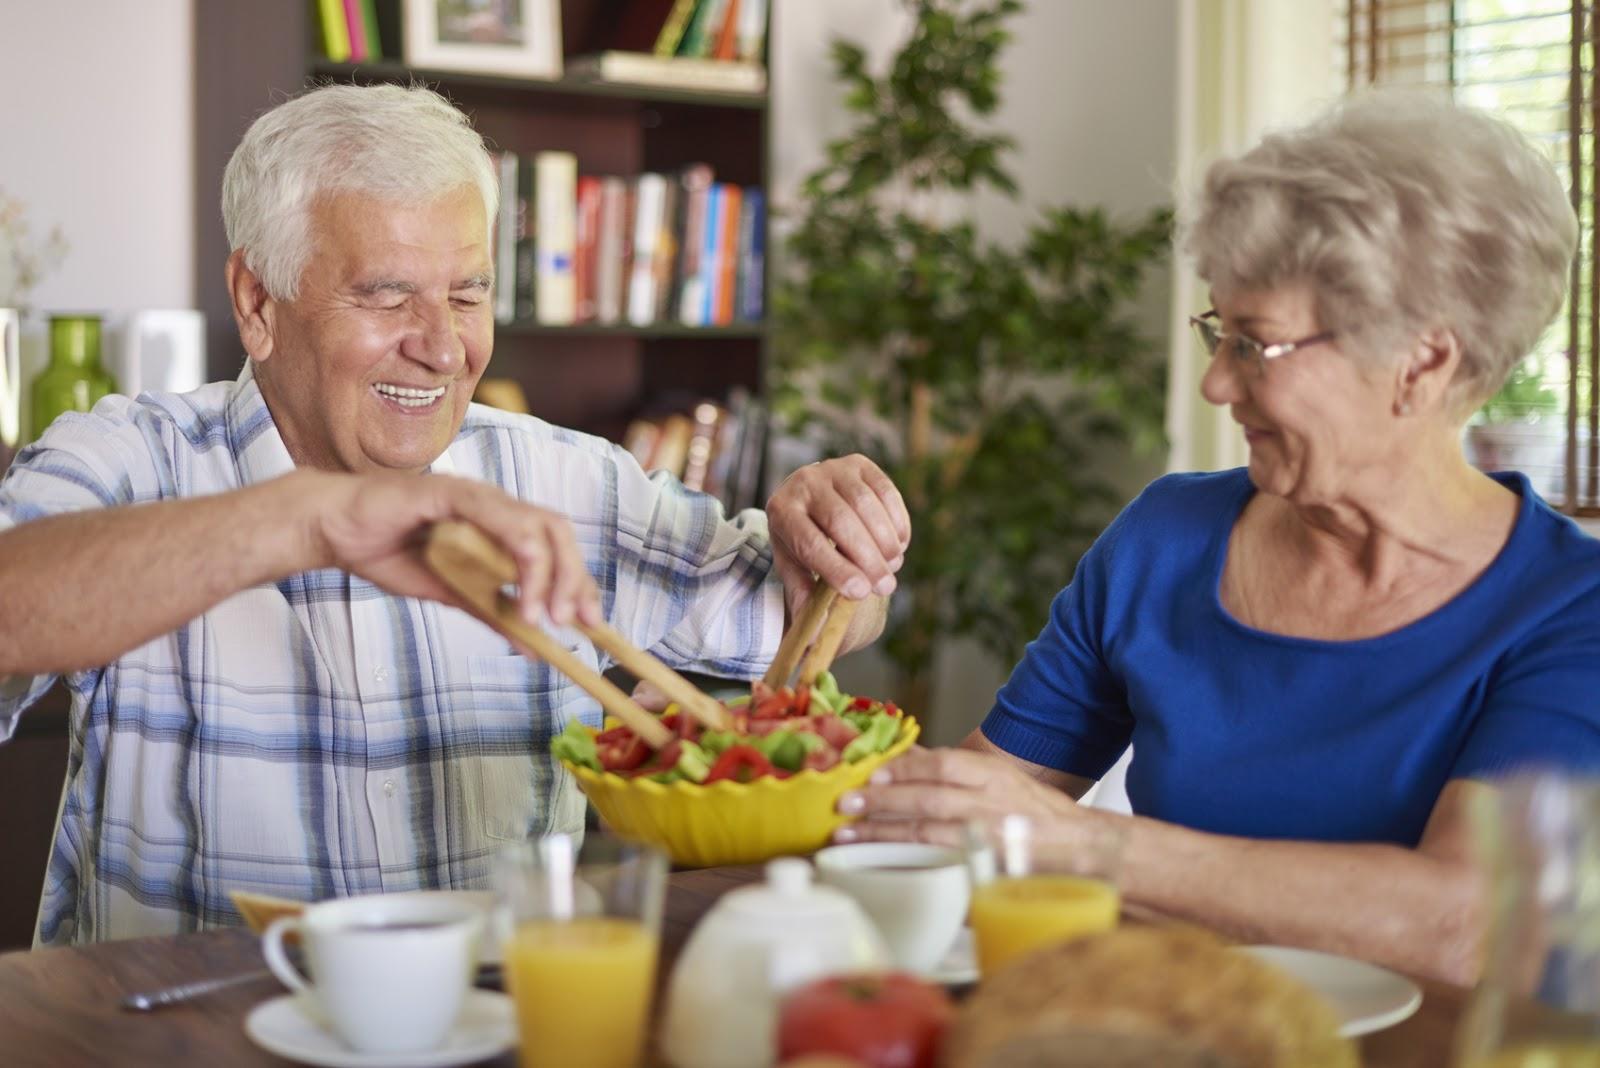 Меню для пожилых людей: после 80 лет правильное питание тоже актуально, особенности организма после 60 лет, здоровый и рациональный рацион